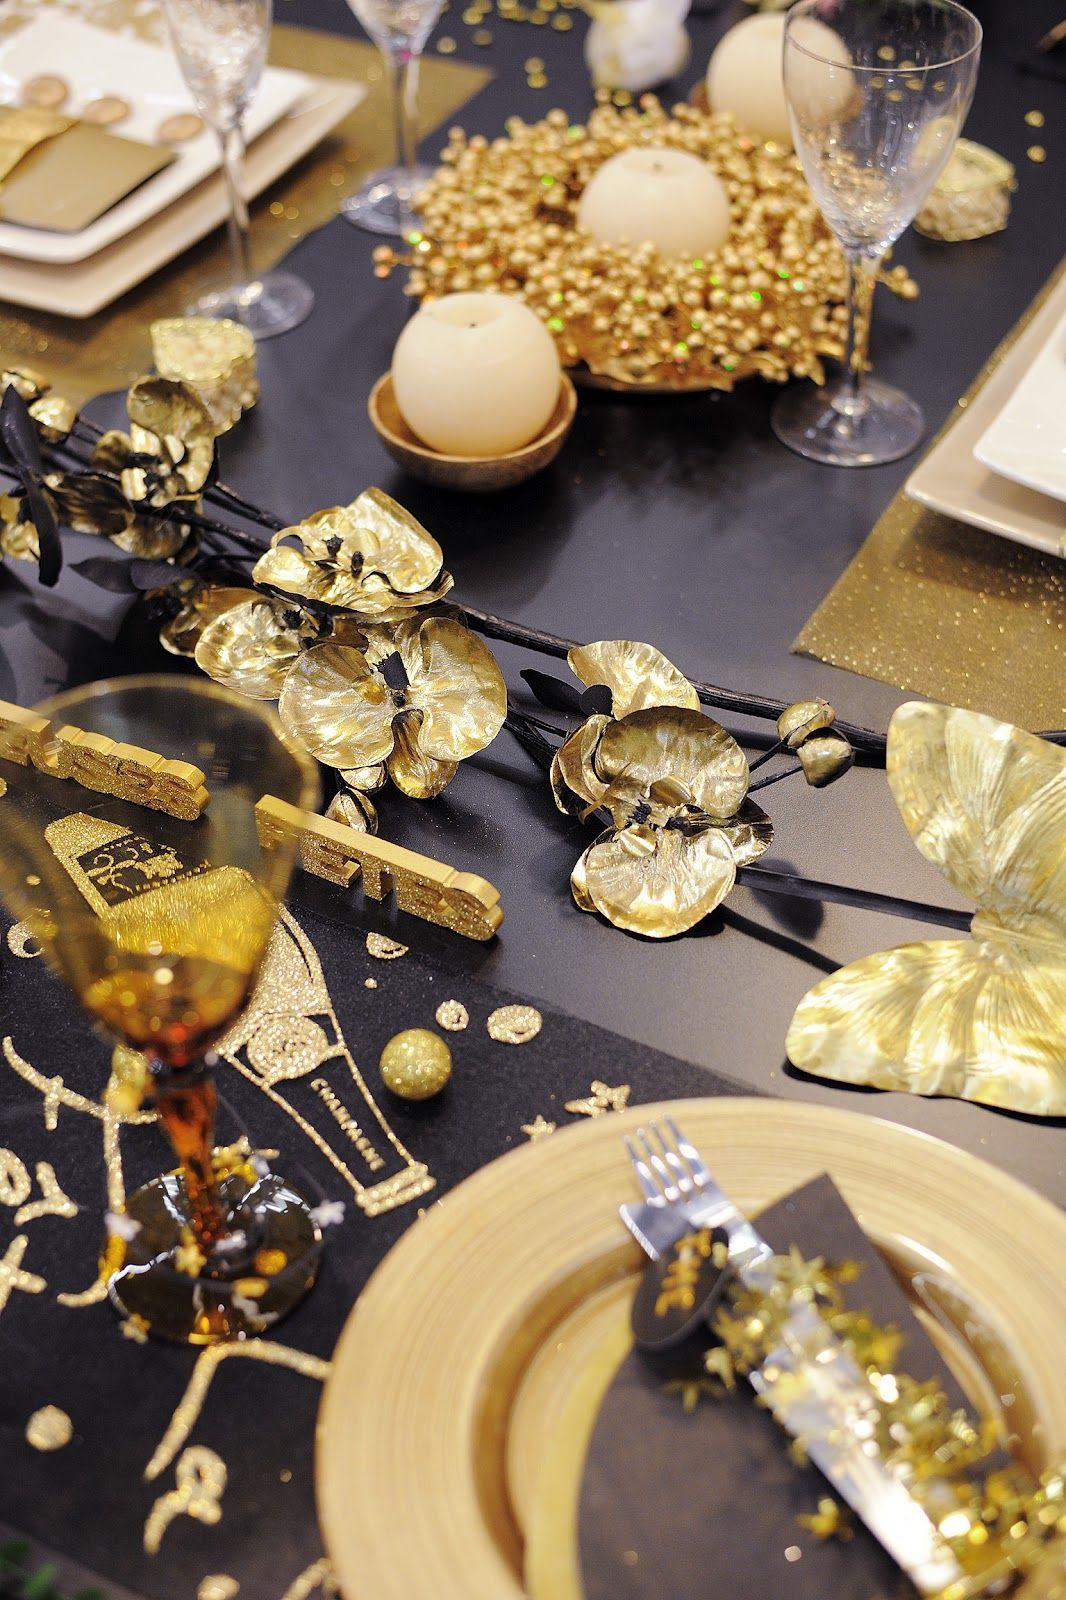 Formal dinner table decorations design innova tendências de decoração natalina